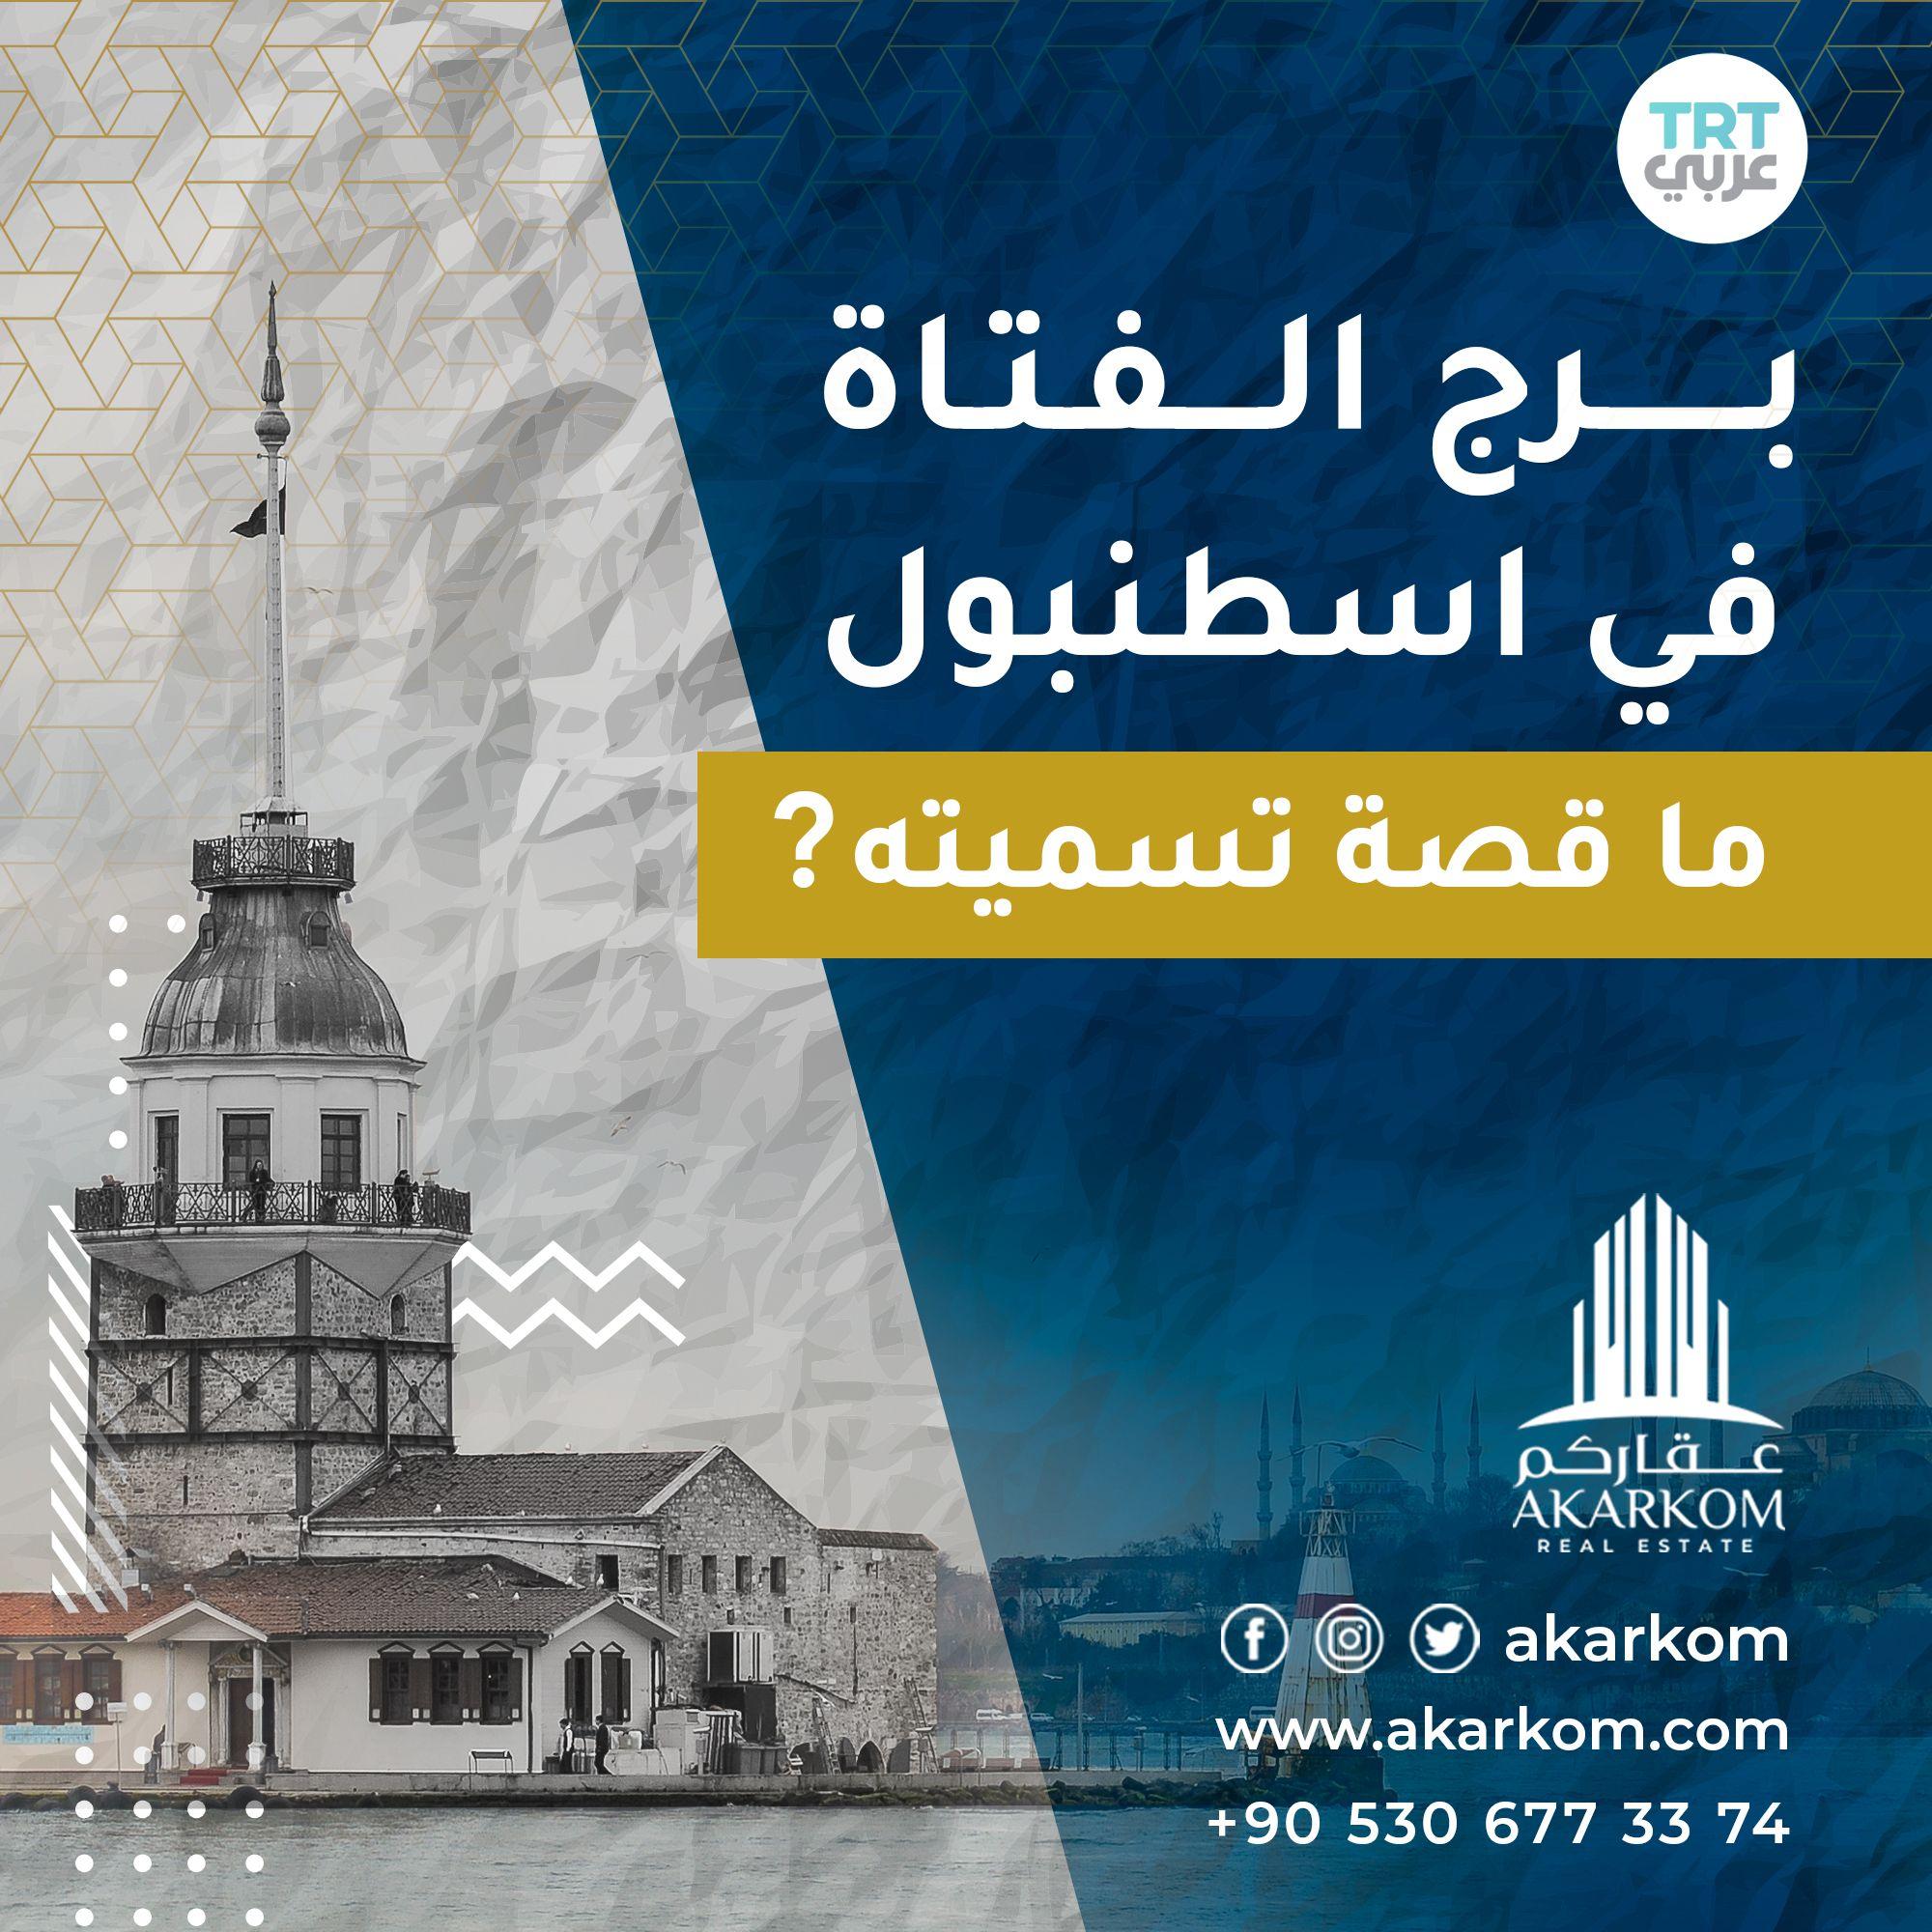 ماذا تعرف عن برج الفتاة الذي تعودنا على رؤيته في صور إسطنبول الشهيرة Real Estate Estates Poster